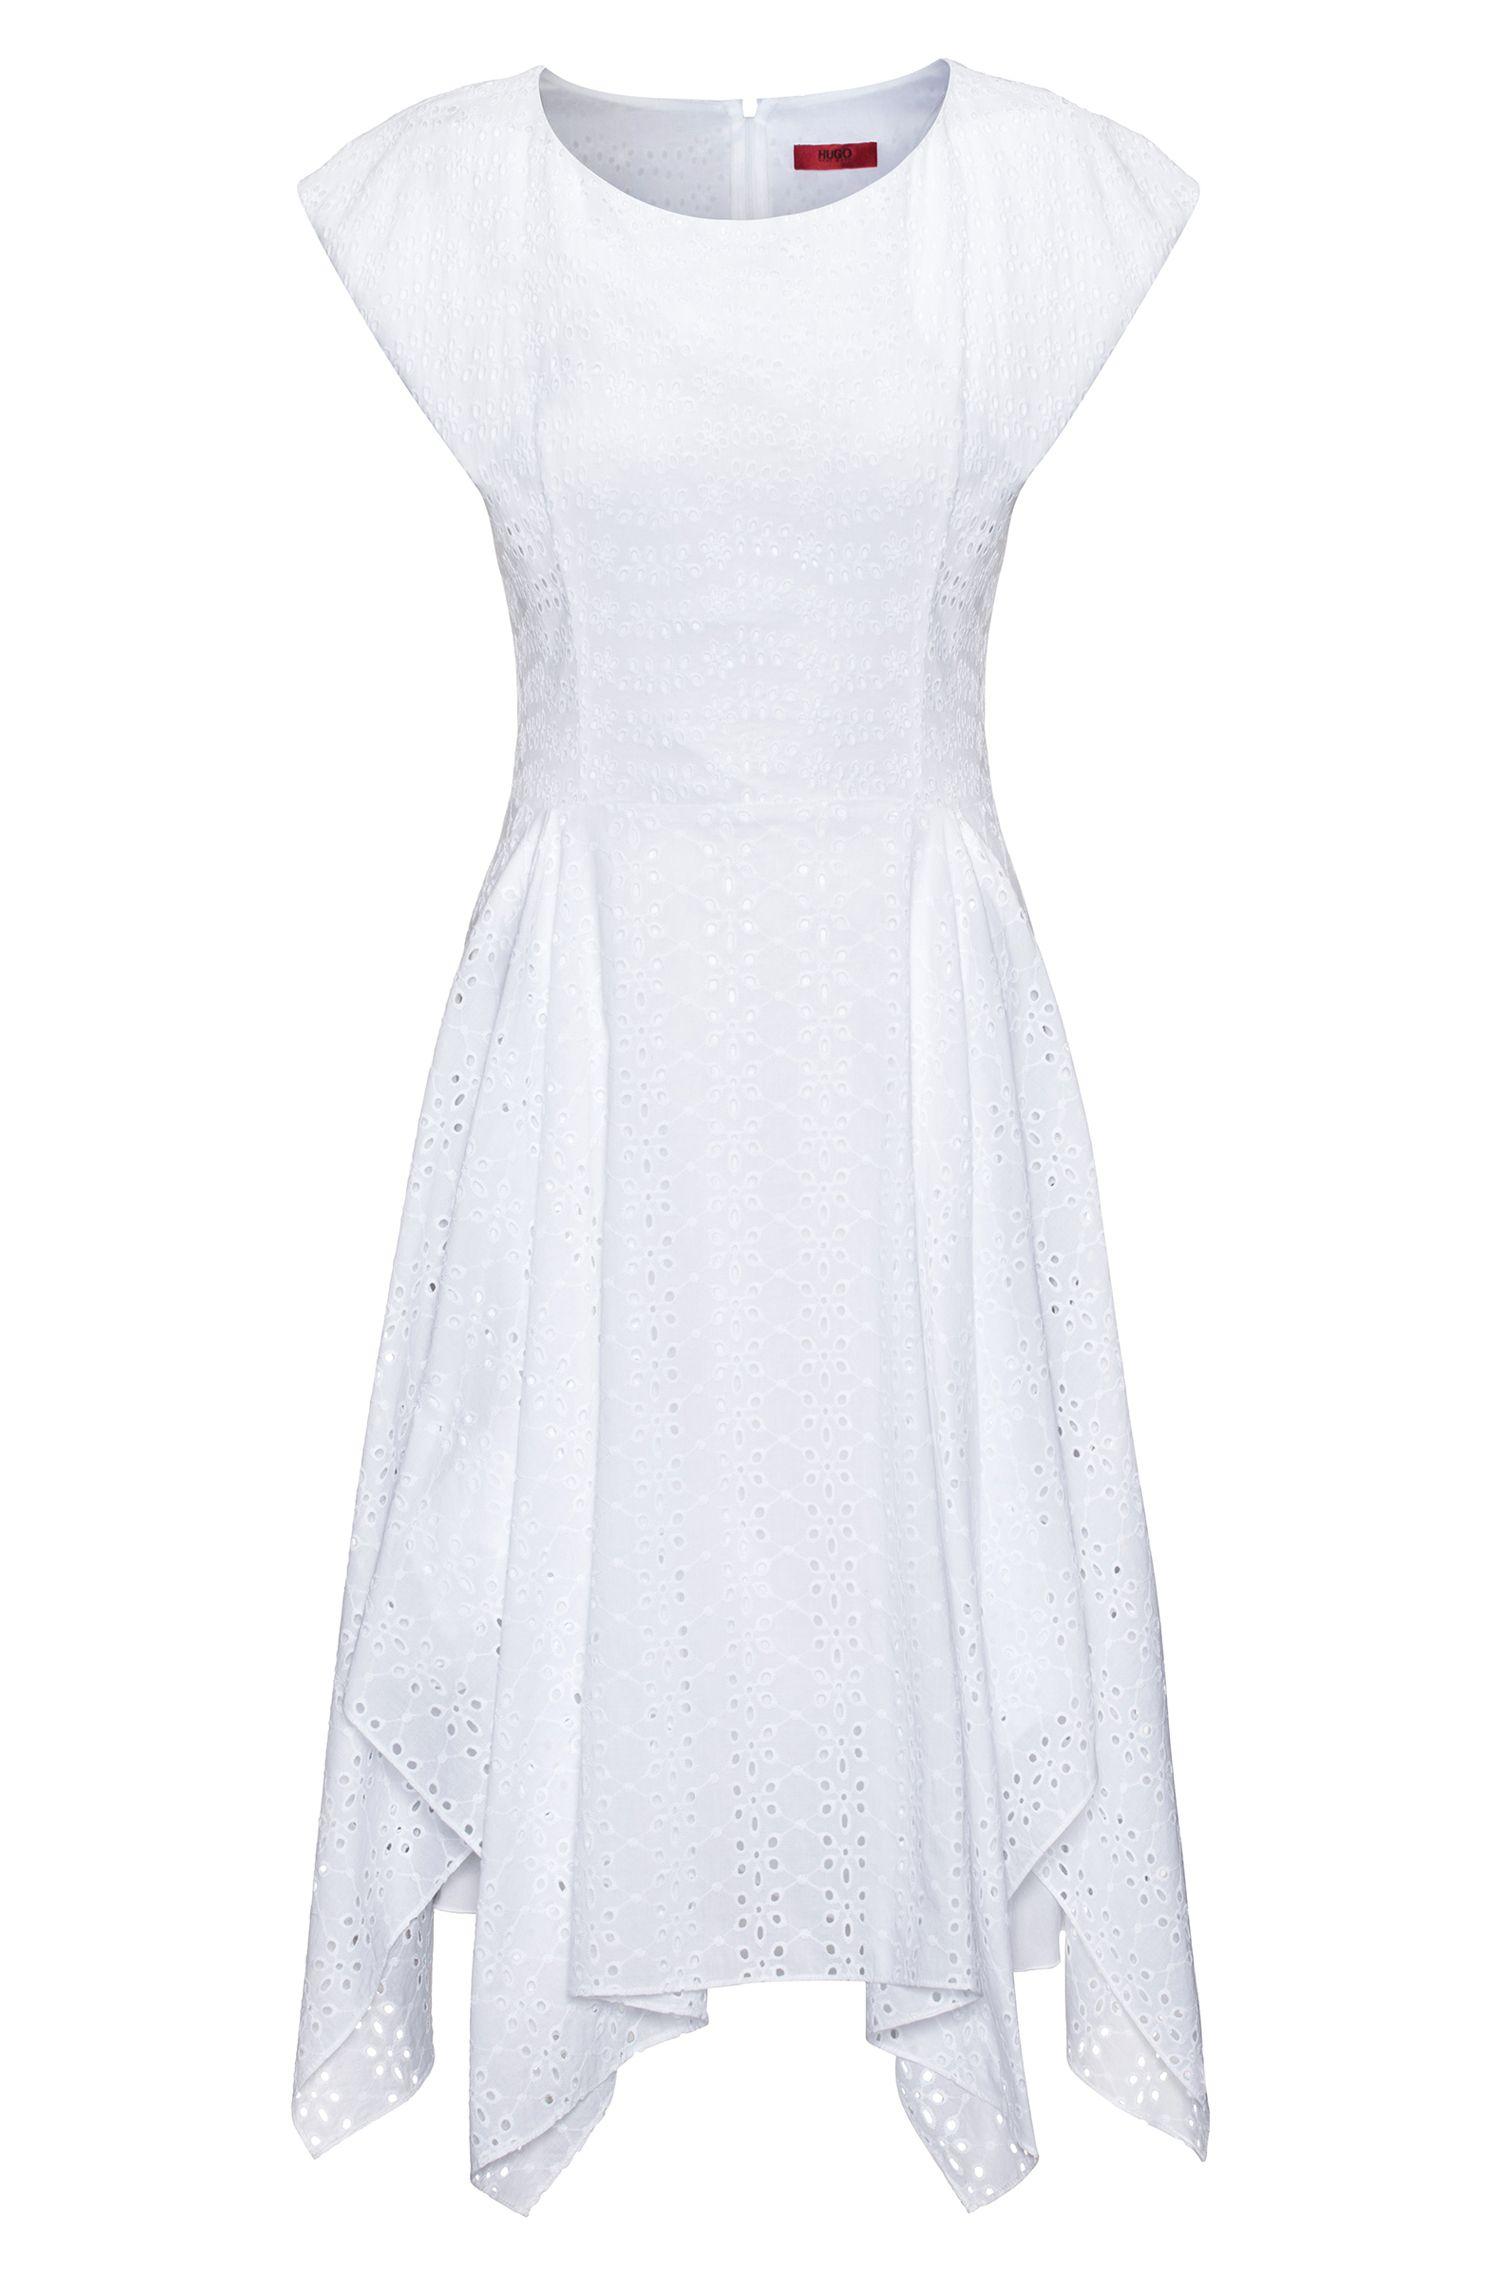 Vestido de algodón con bordado inglés y dobladillo tipo pañuelo